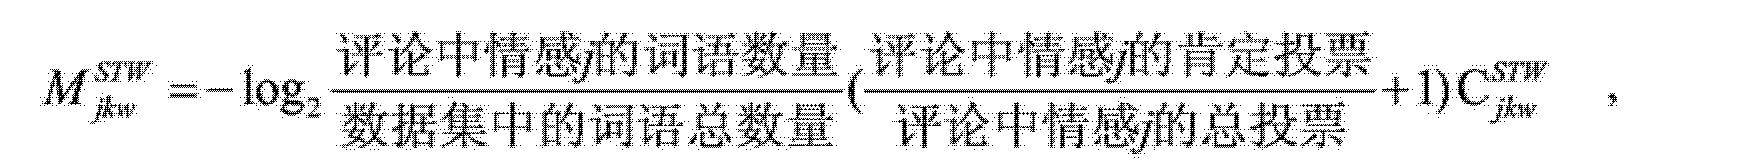 Figure CN104517216AC00042